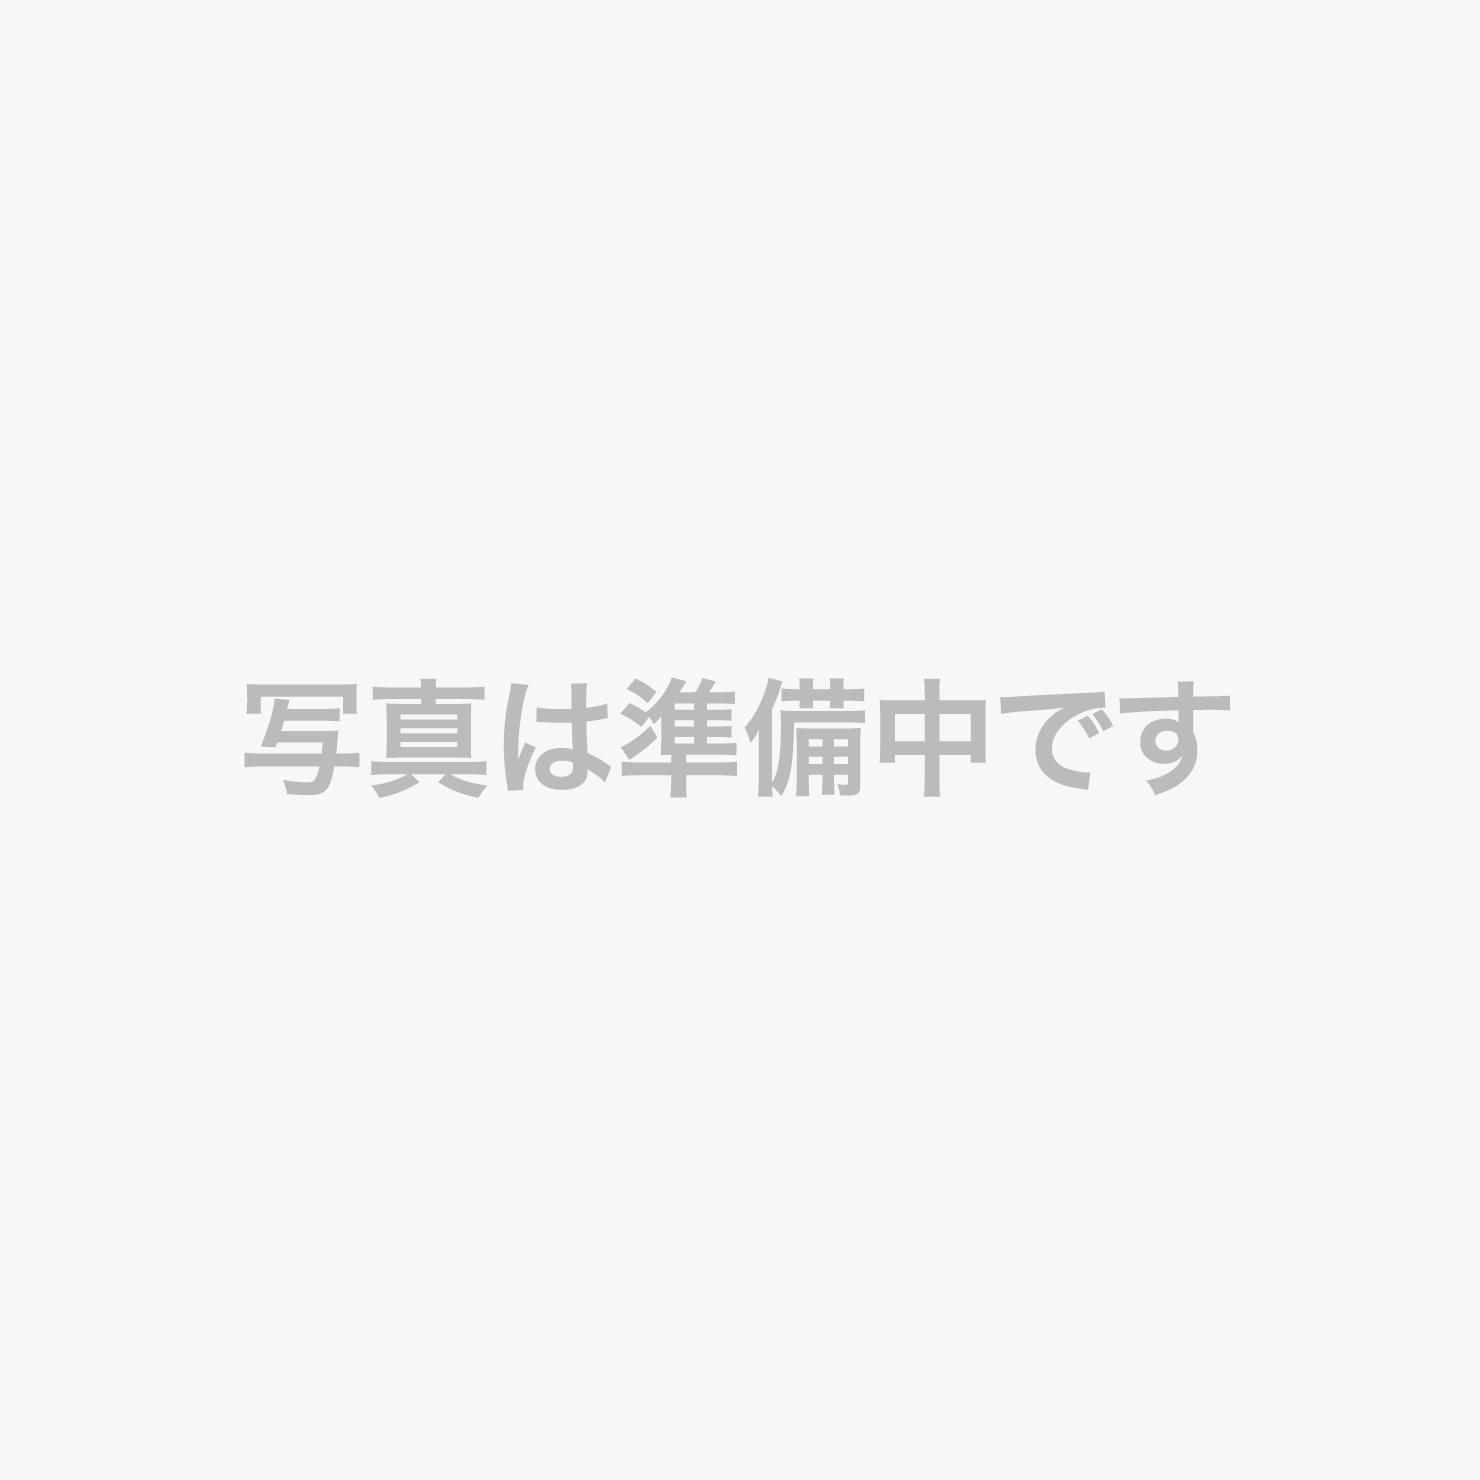 【人気No1会席】特選飛騨牛食べ比べと新鮮な海の幸を味わう